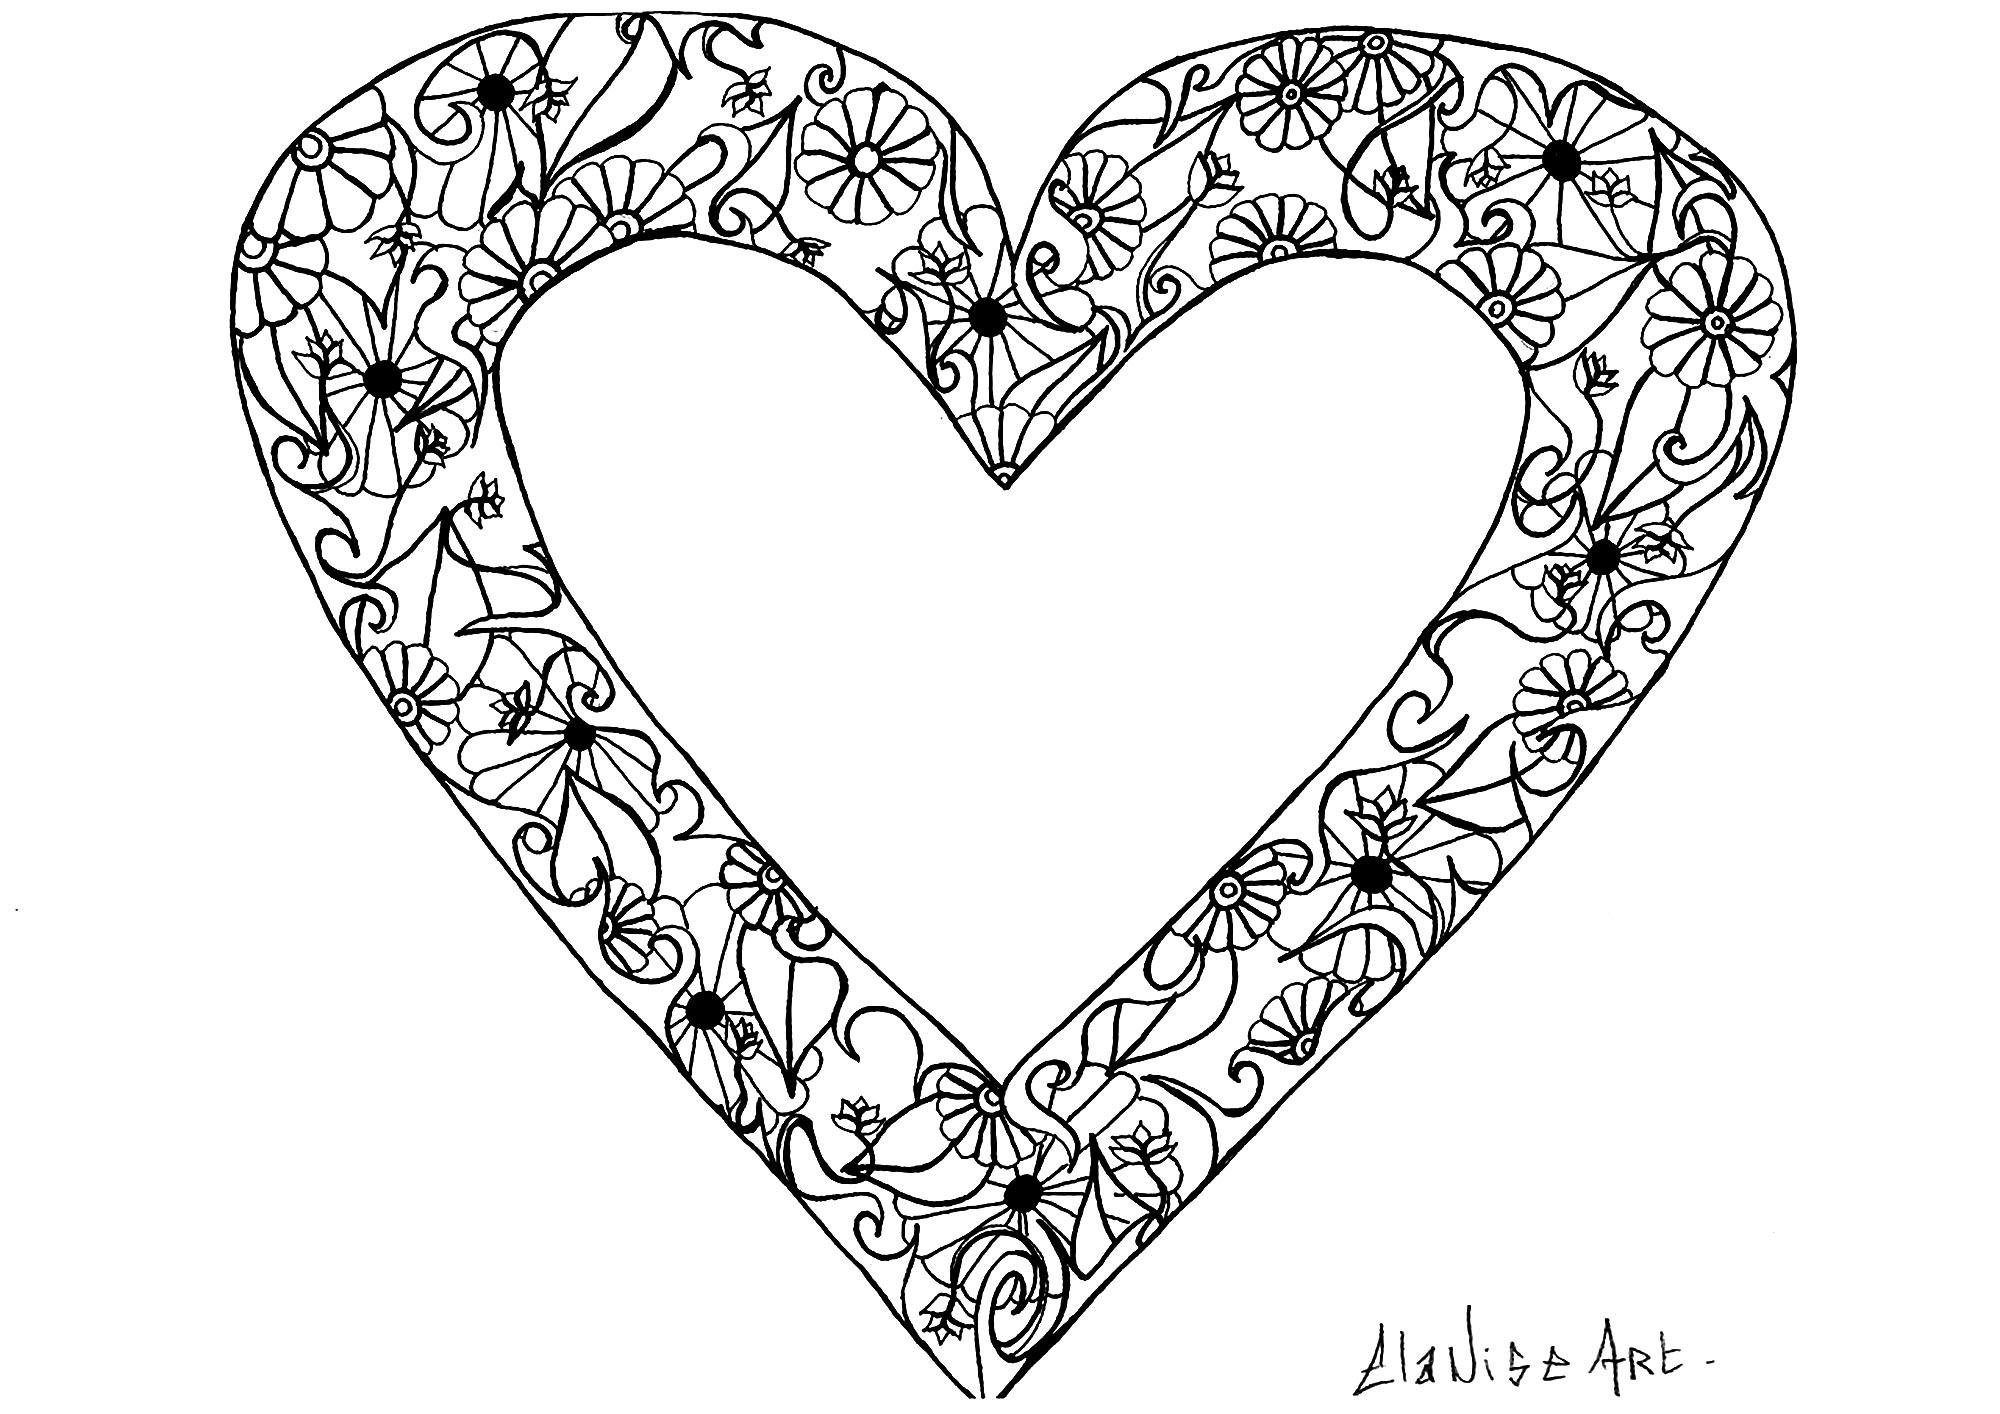 Coloriage Adulte Coeur.Elanise Art Coeur Fleuri Simple Fleurs Et Vegetation Coloriages